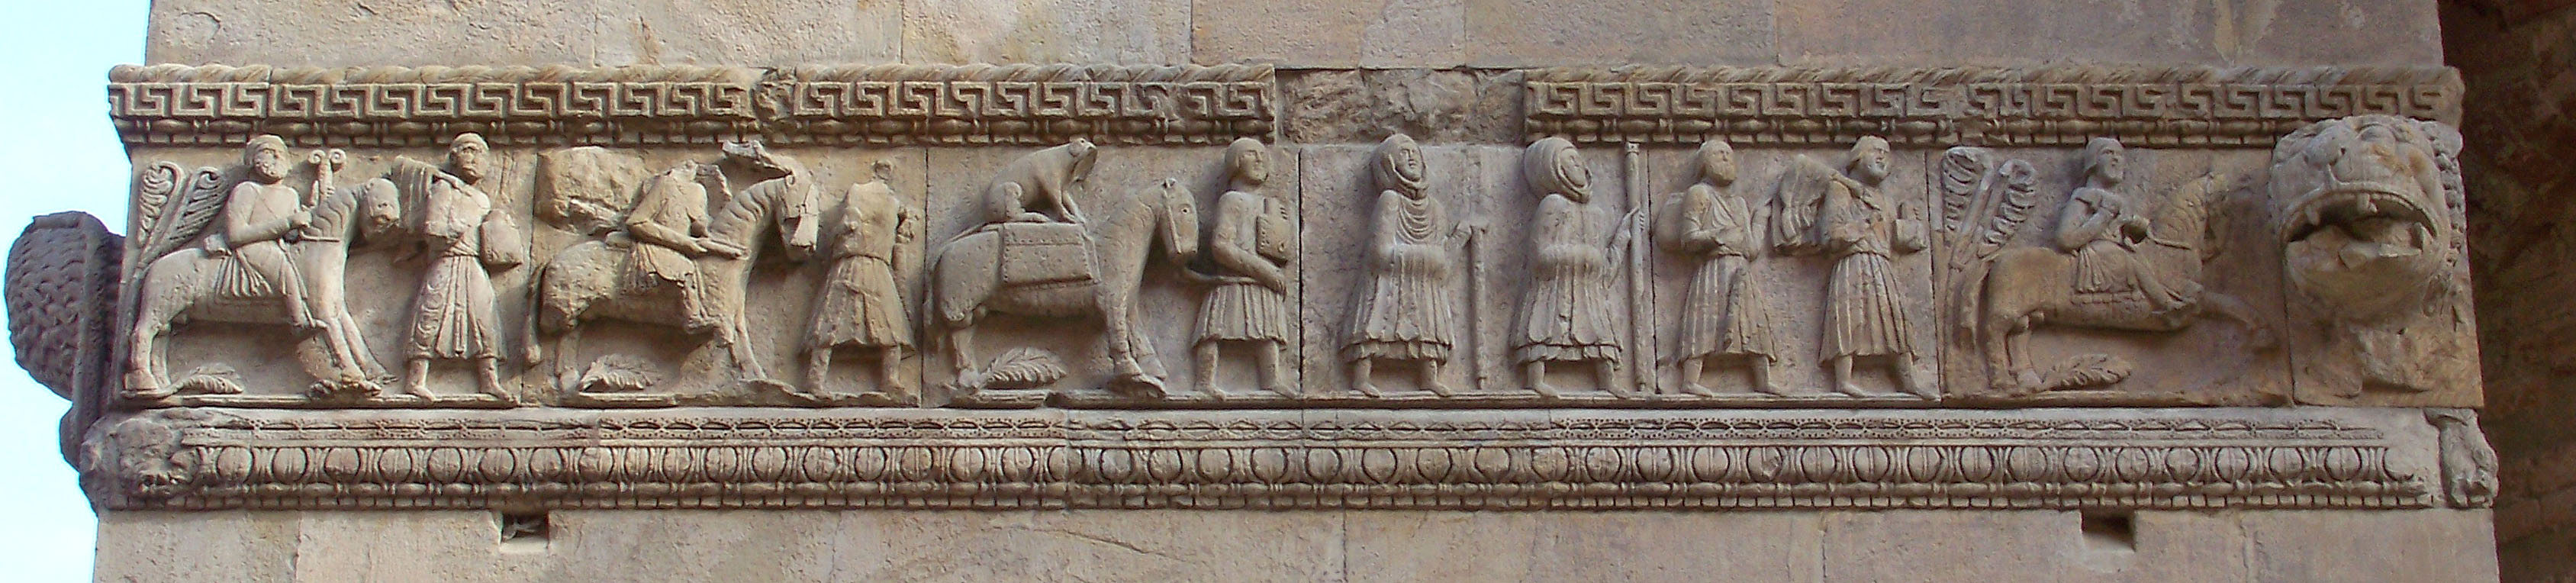 Fregio - Duomo di Fidenza